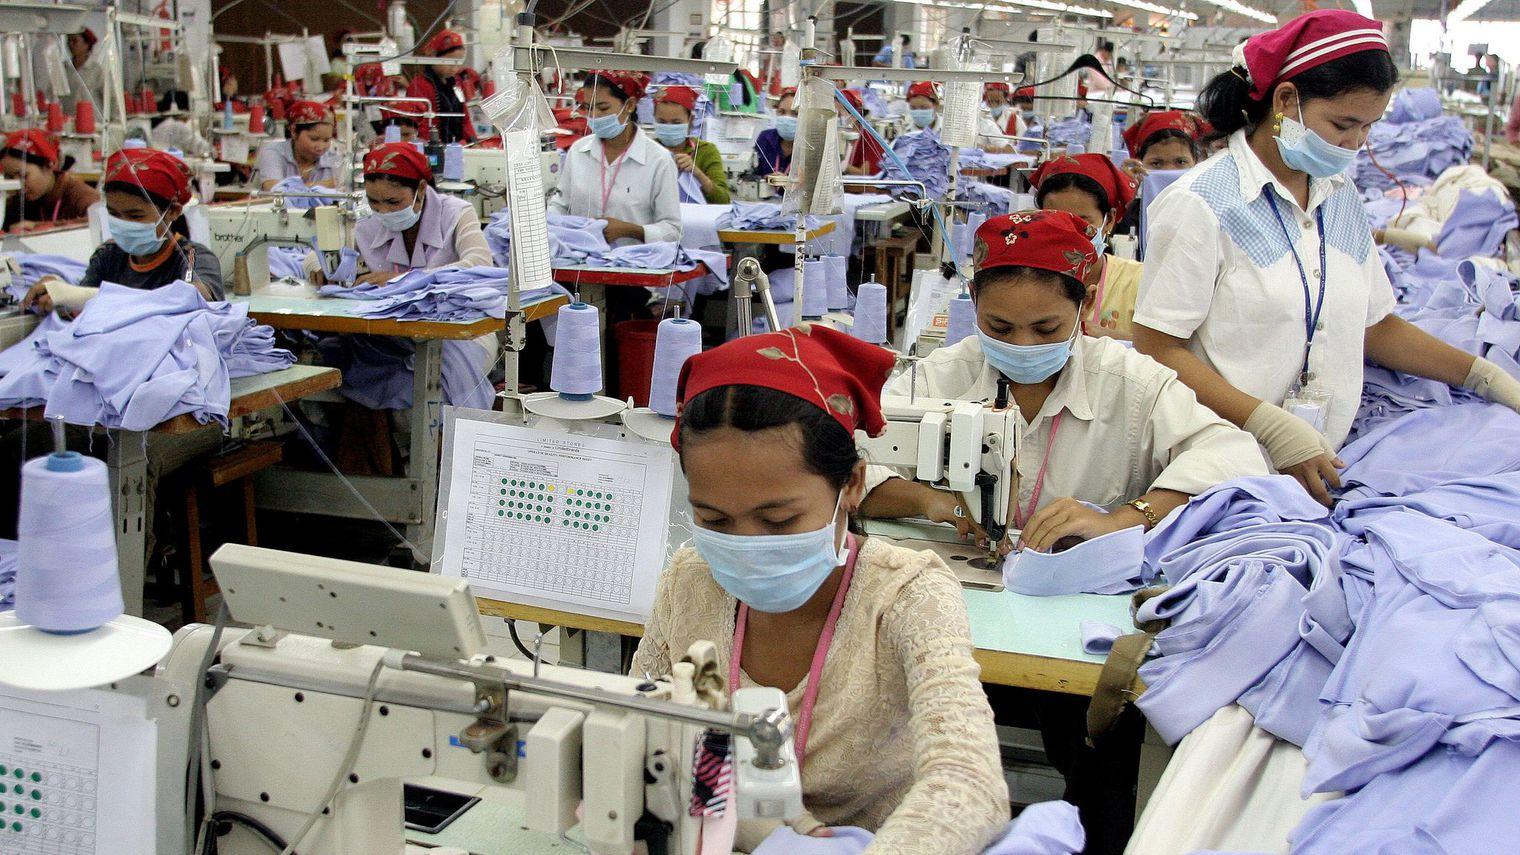 Ouvrieres textile